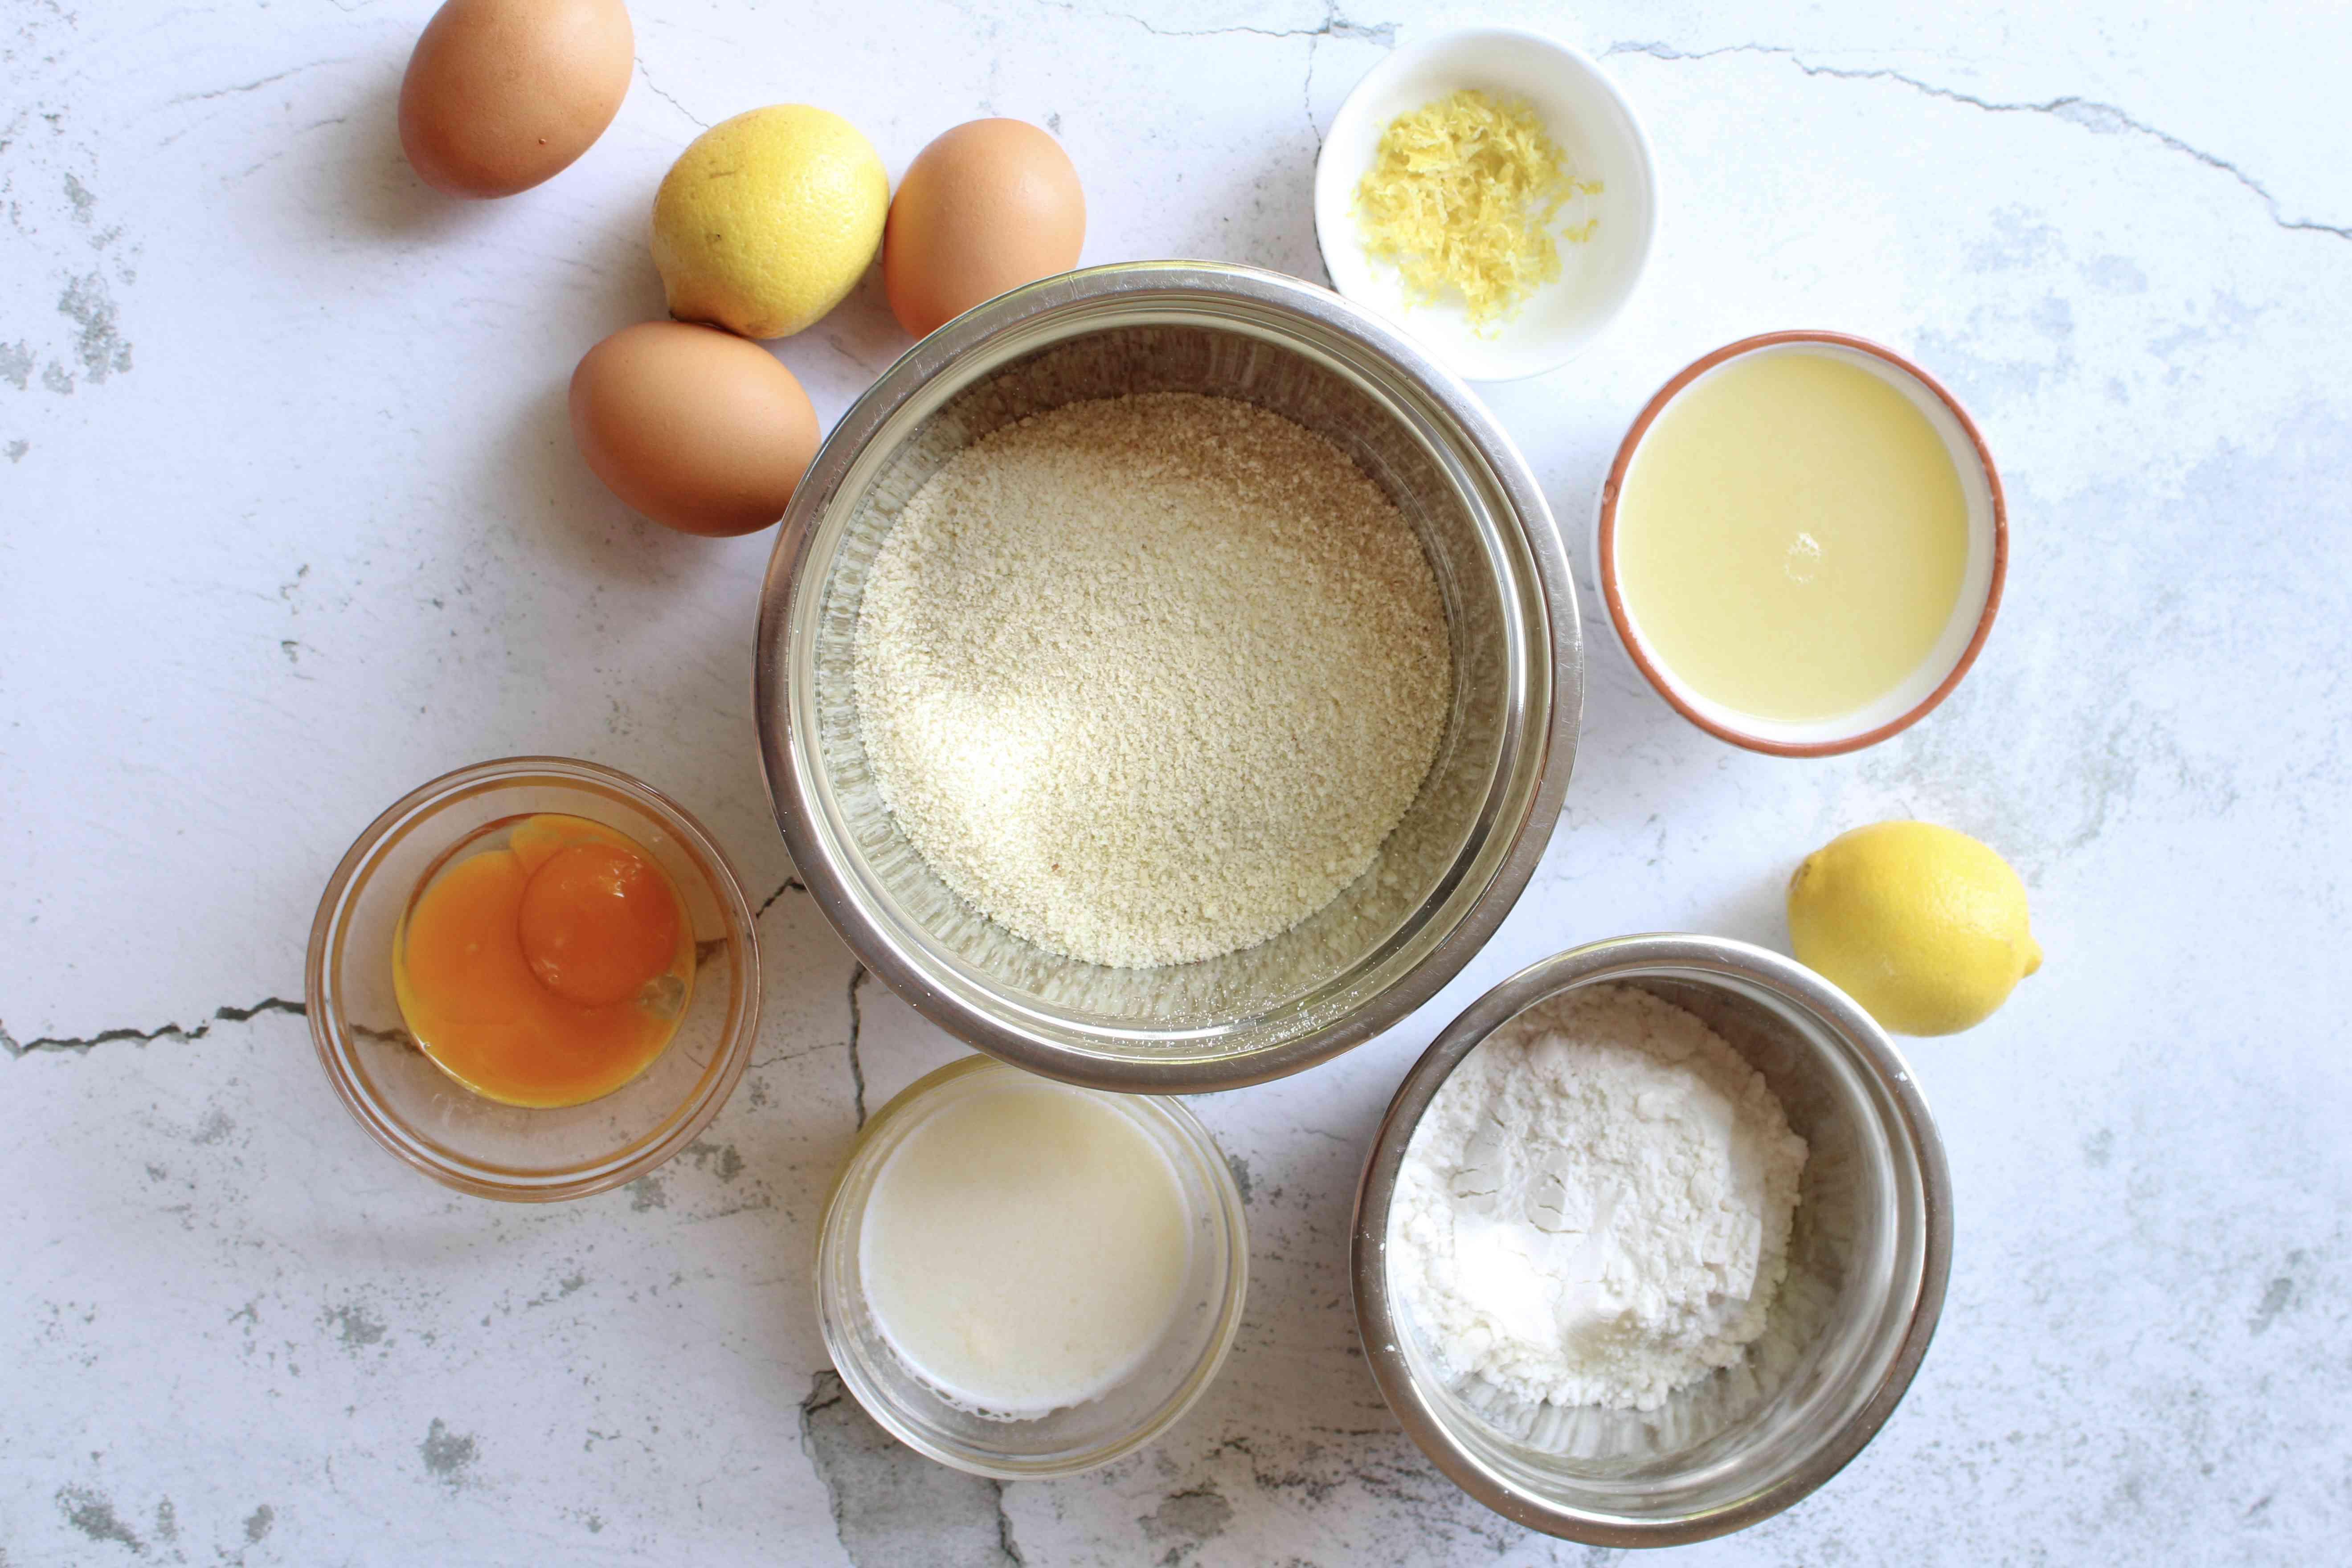 Ingredients for Keto Lemon Bars